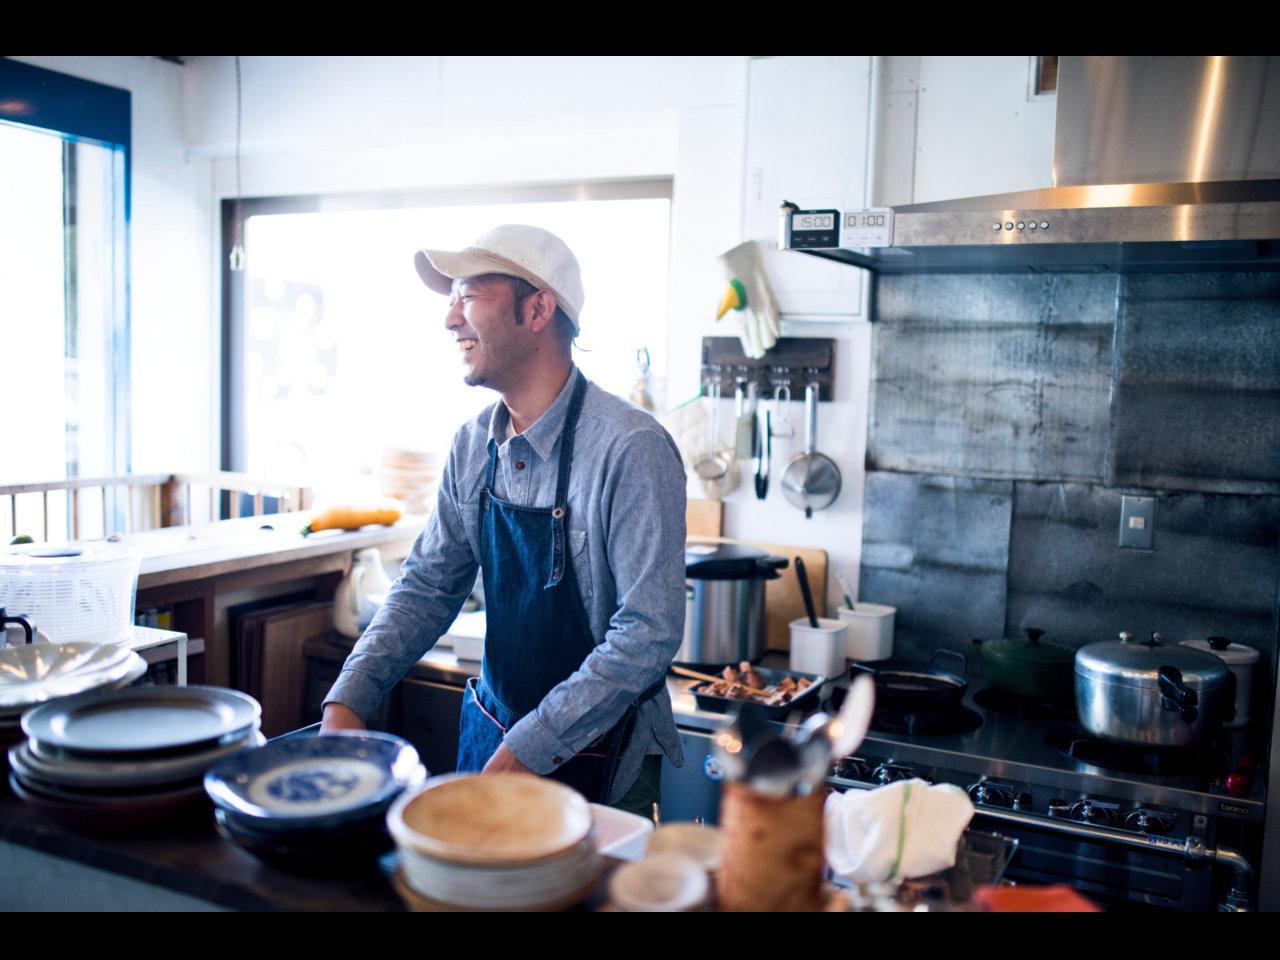 『つむぎや』金子健一さんのお店と料理。『Alps